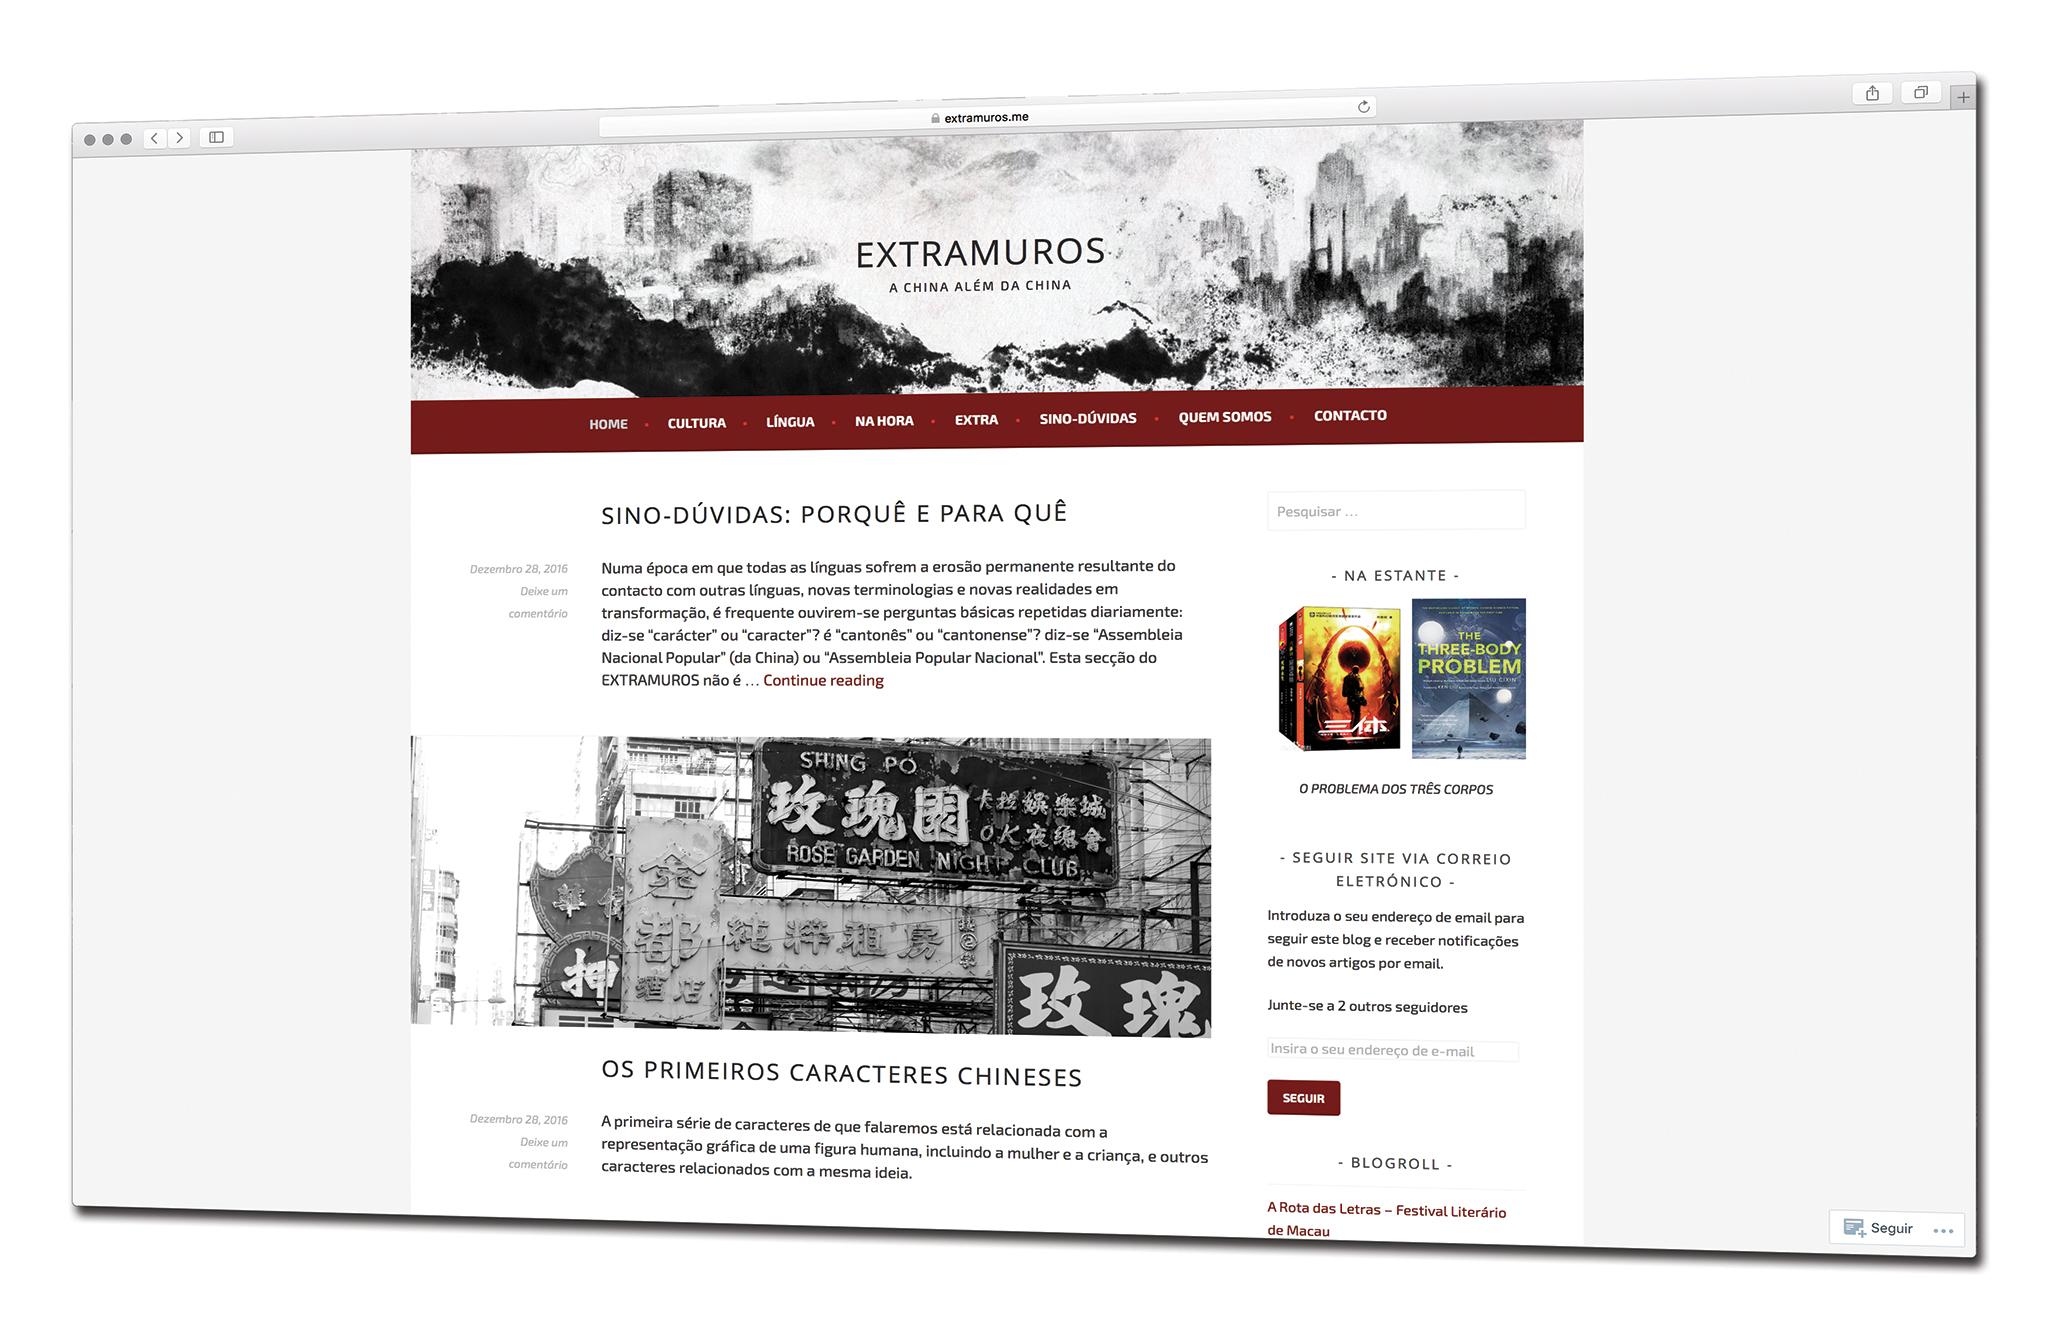 Extramuros | Projecto online de Luís Ortet visa criar pontes com cultura chinesa